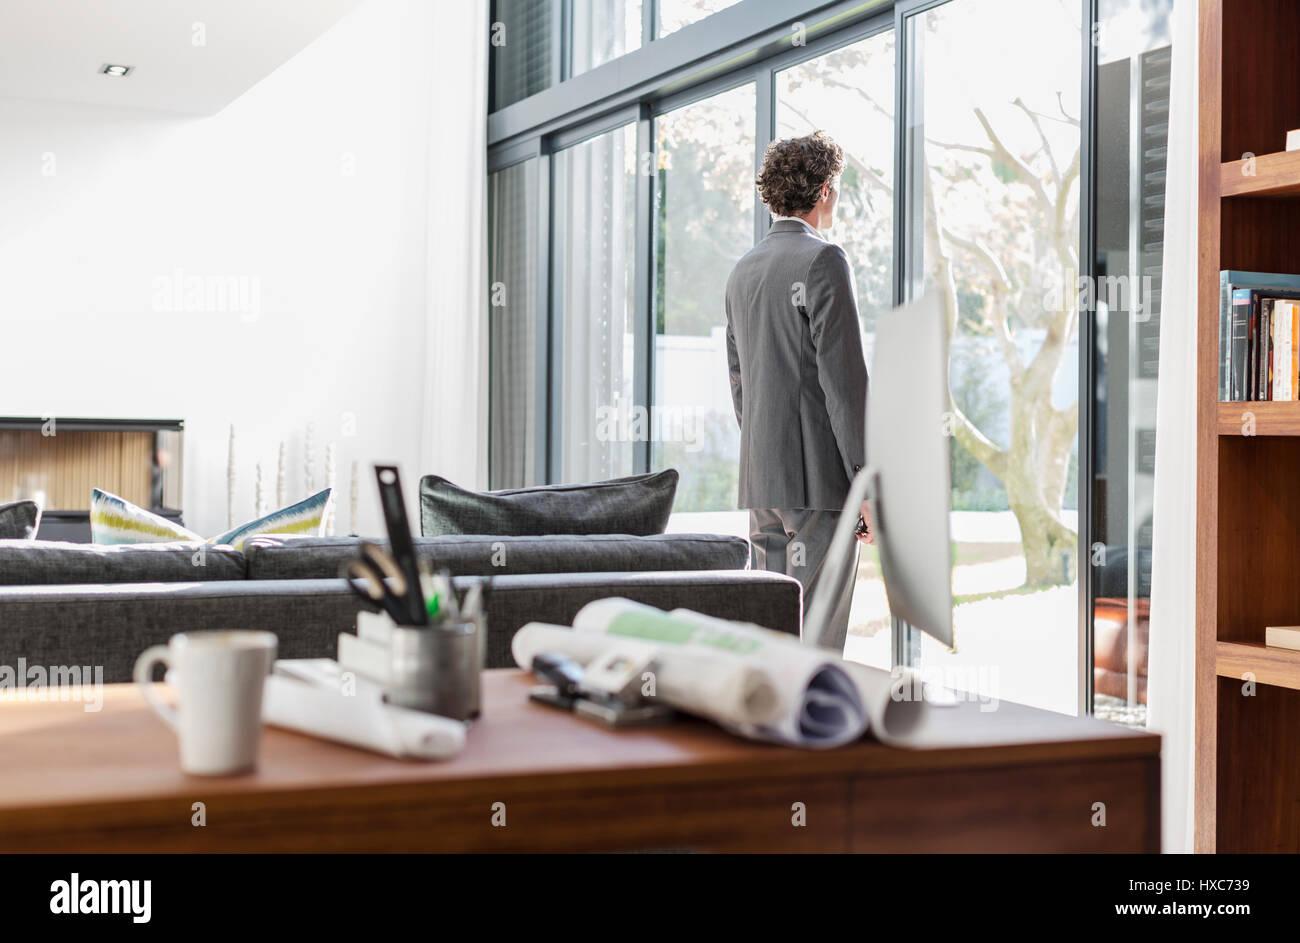 Architekten Suchen männliche architekten suchen terrasse fenster im home office